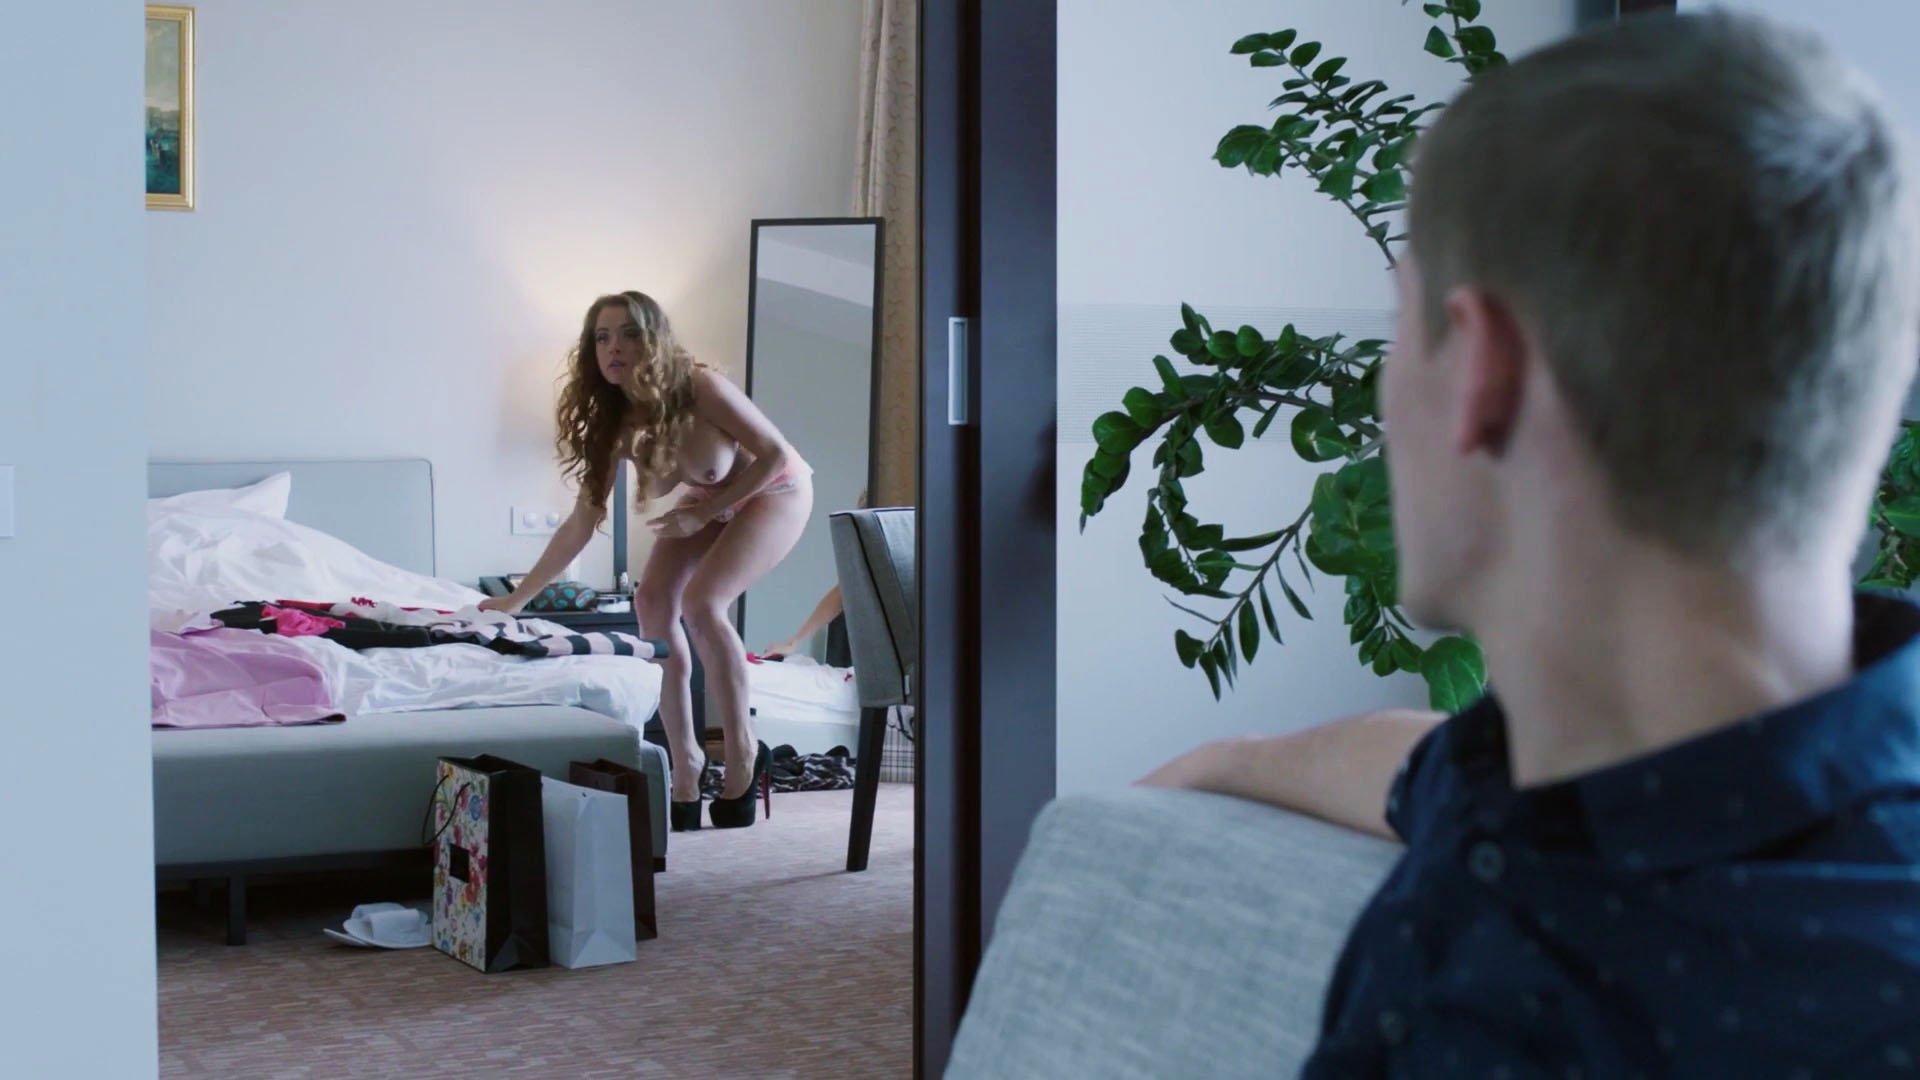 Ekaterina Kabak nude - Shameless RUS s01e22 (2017)